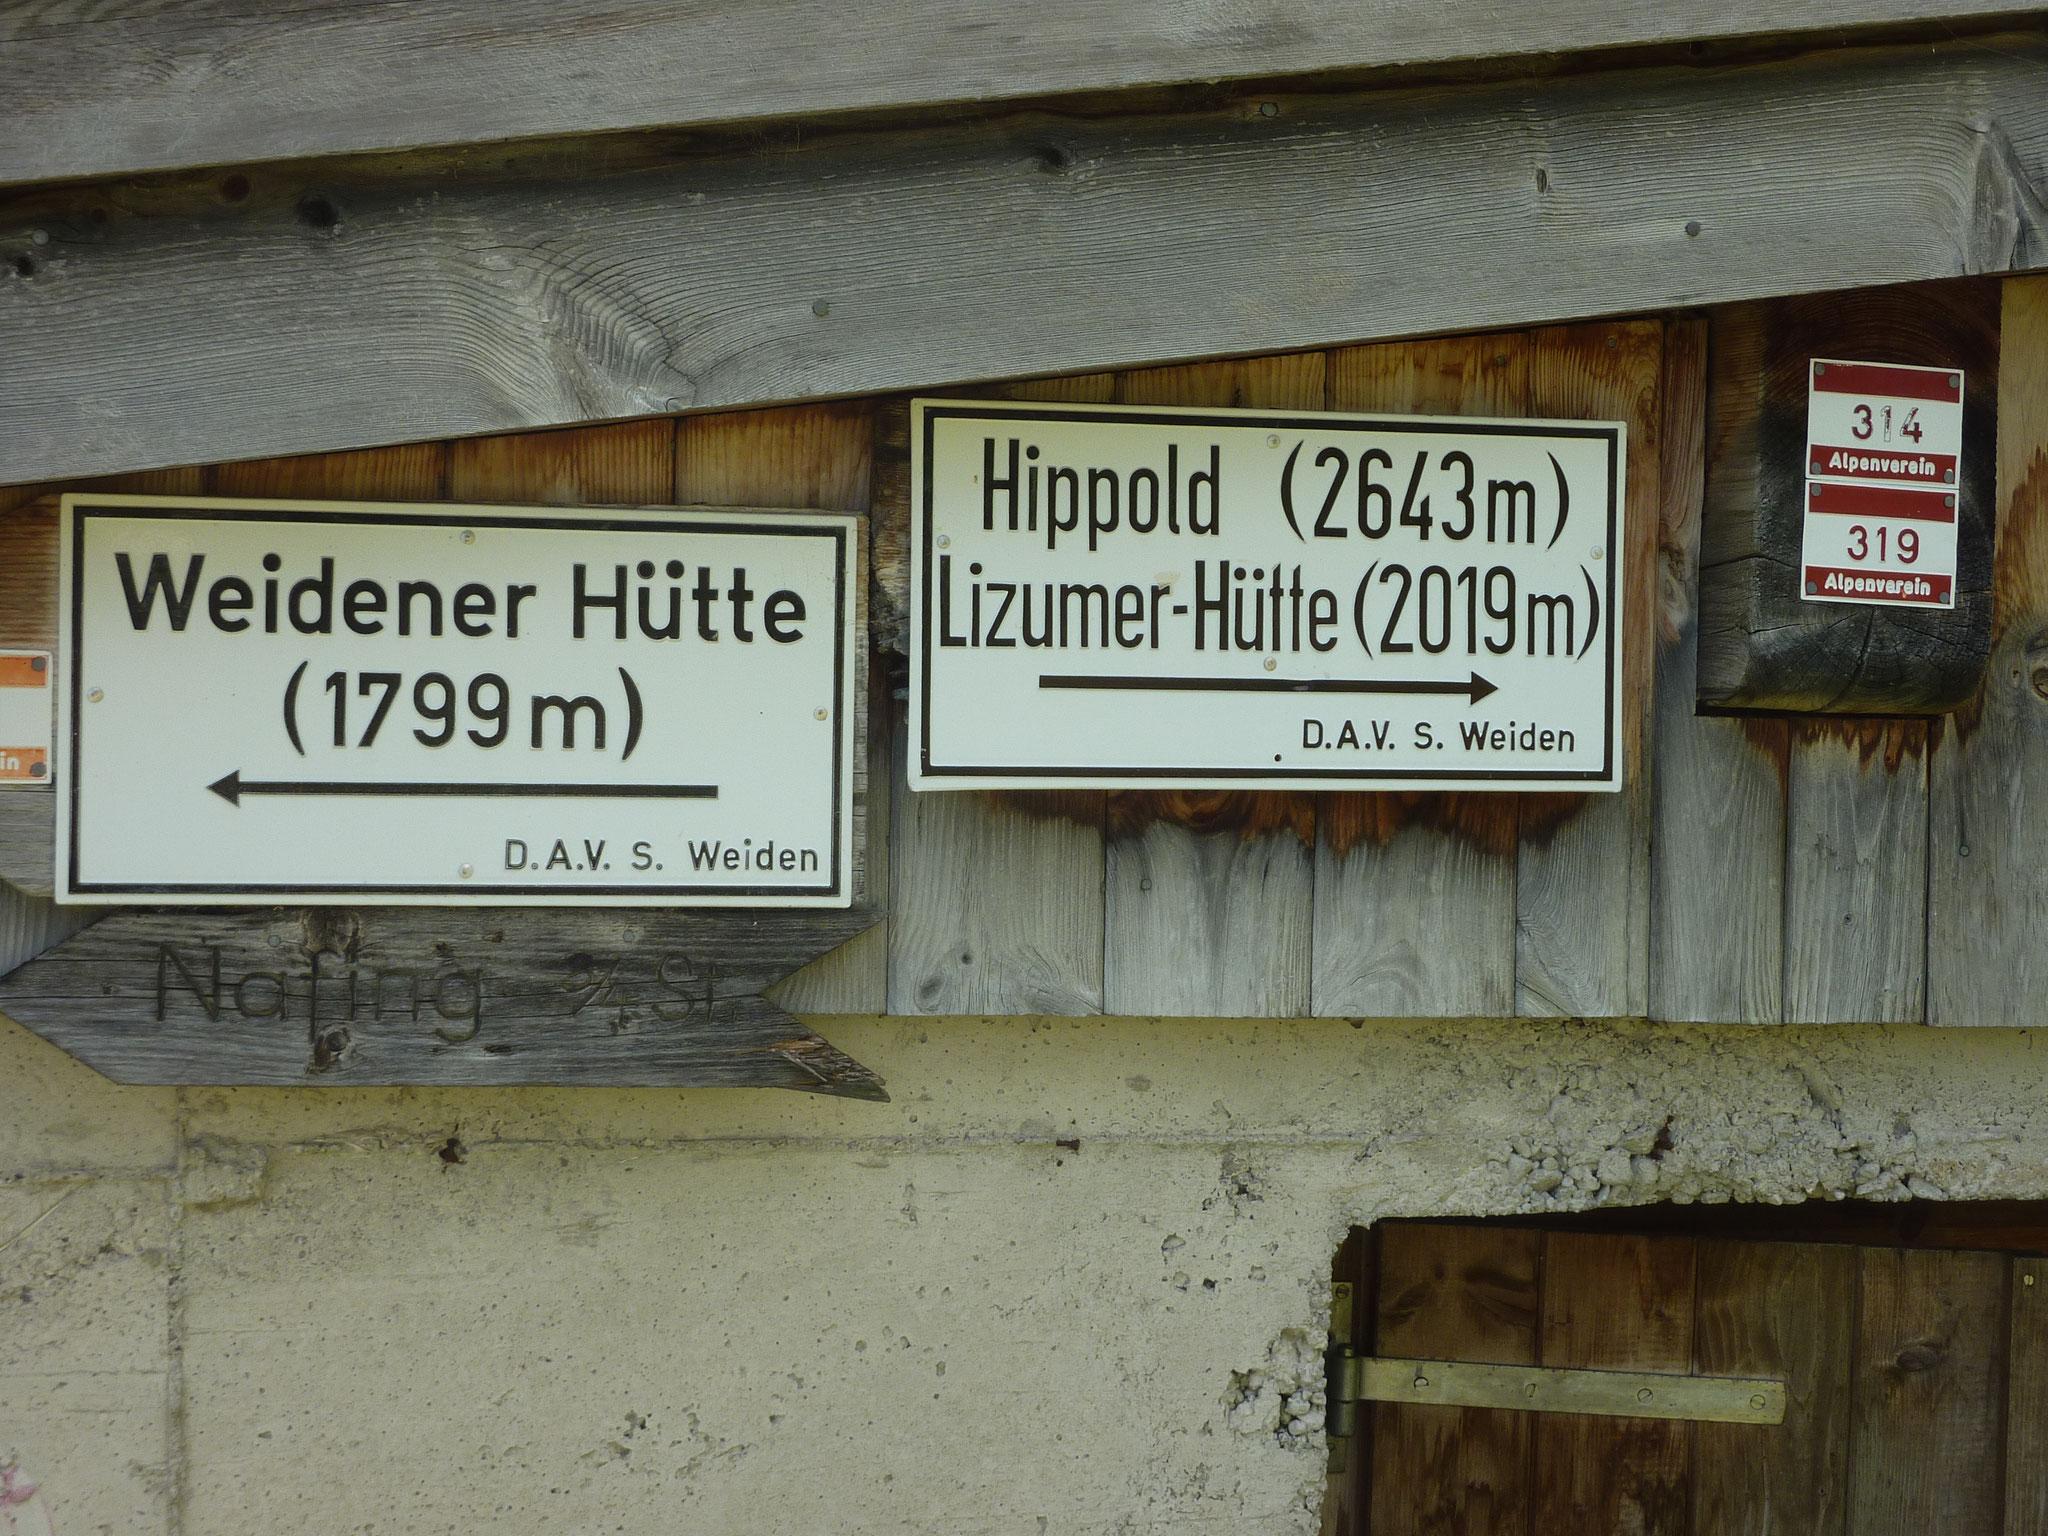 im Weertal zur Weidener Hütte bzw. Lizumerhütte